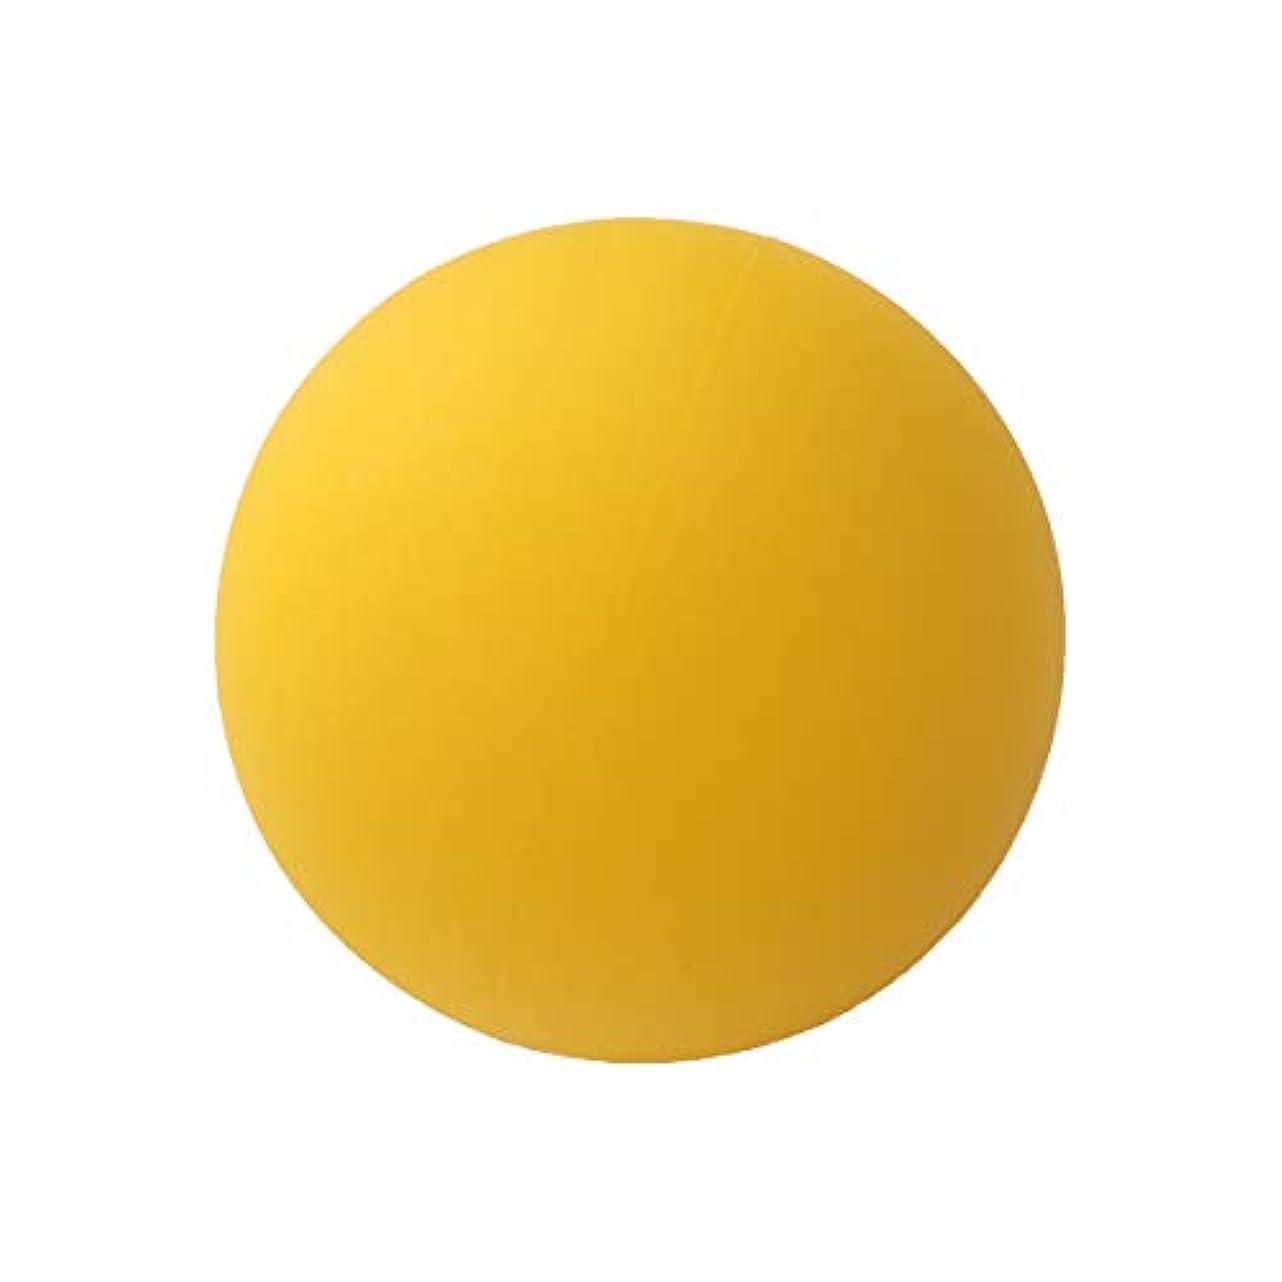 偽装する地下幾分VORCOOL マッサージボール ヨガ ストレッチボール トリガーポイント 筋膜リリース トレーニング 背中 肩こり 腰 ふくらはぎ 足裏 ツボ押しグッズ 物理 マッサージ 療法ボール